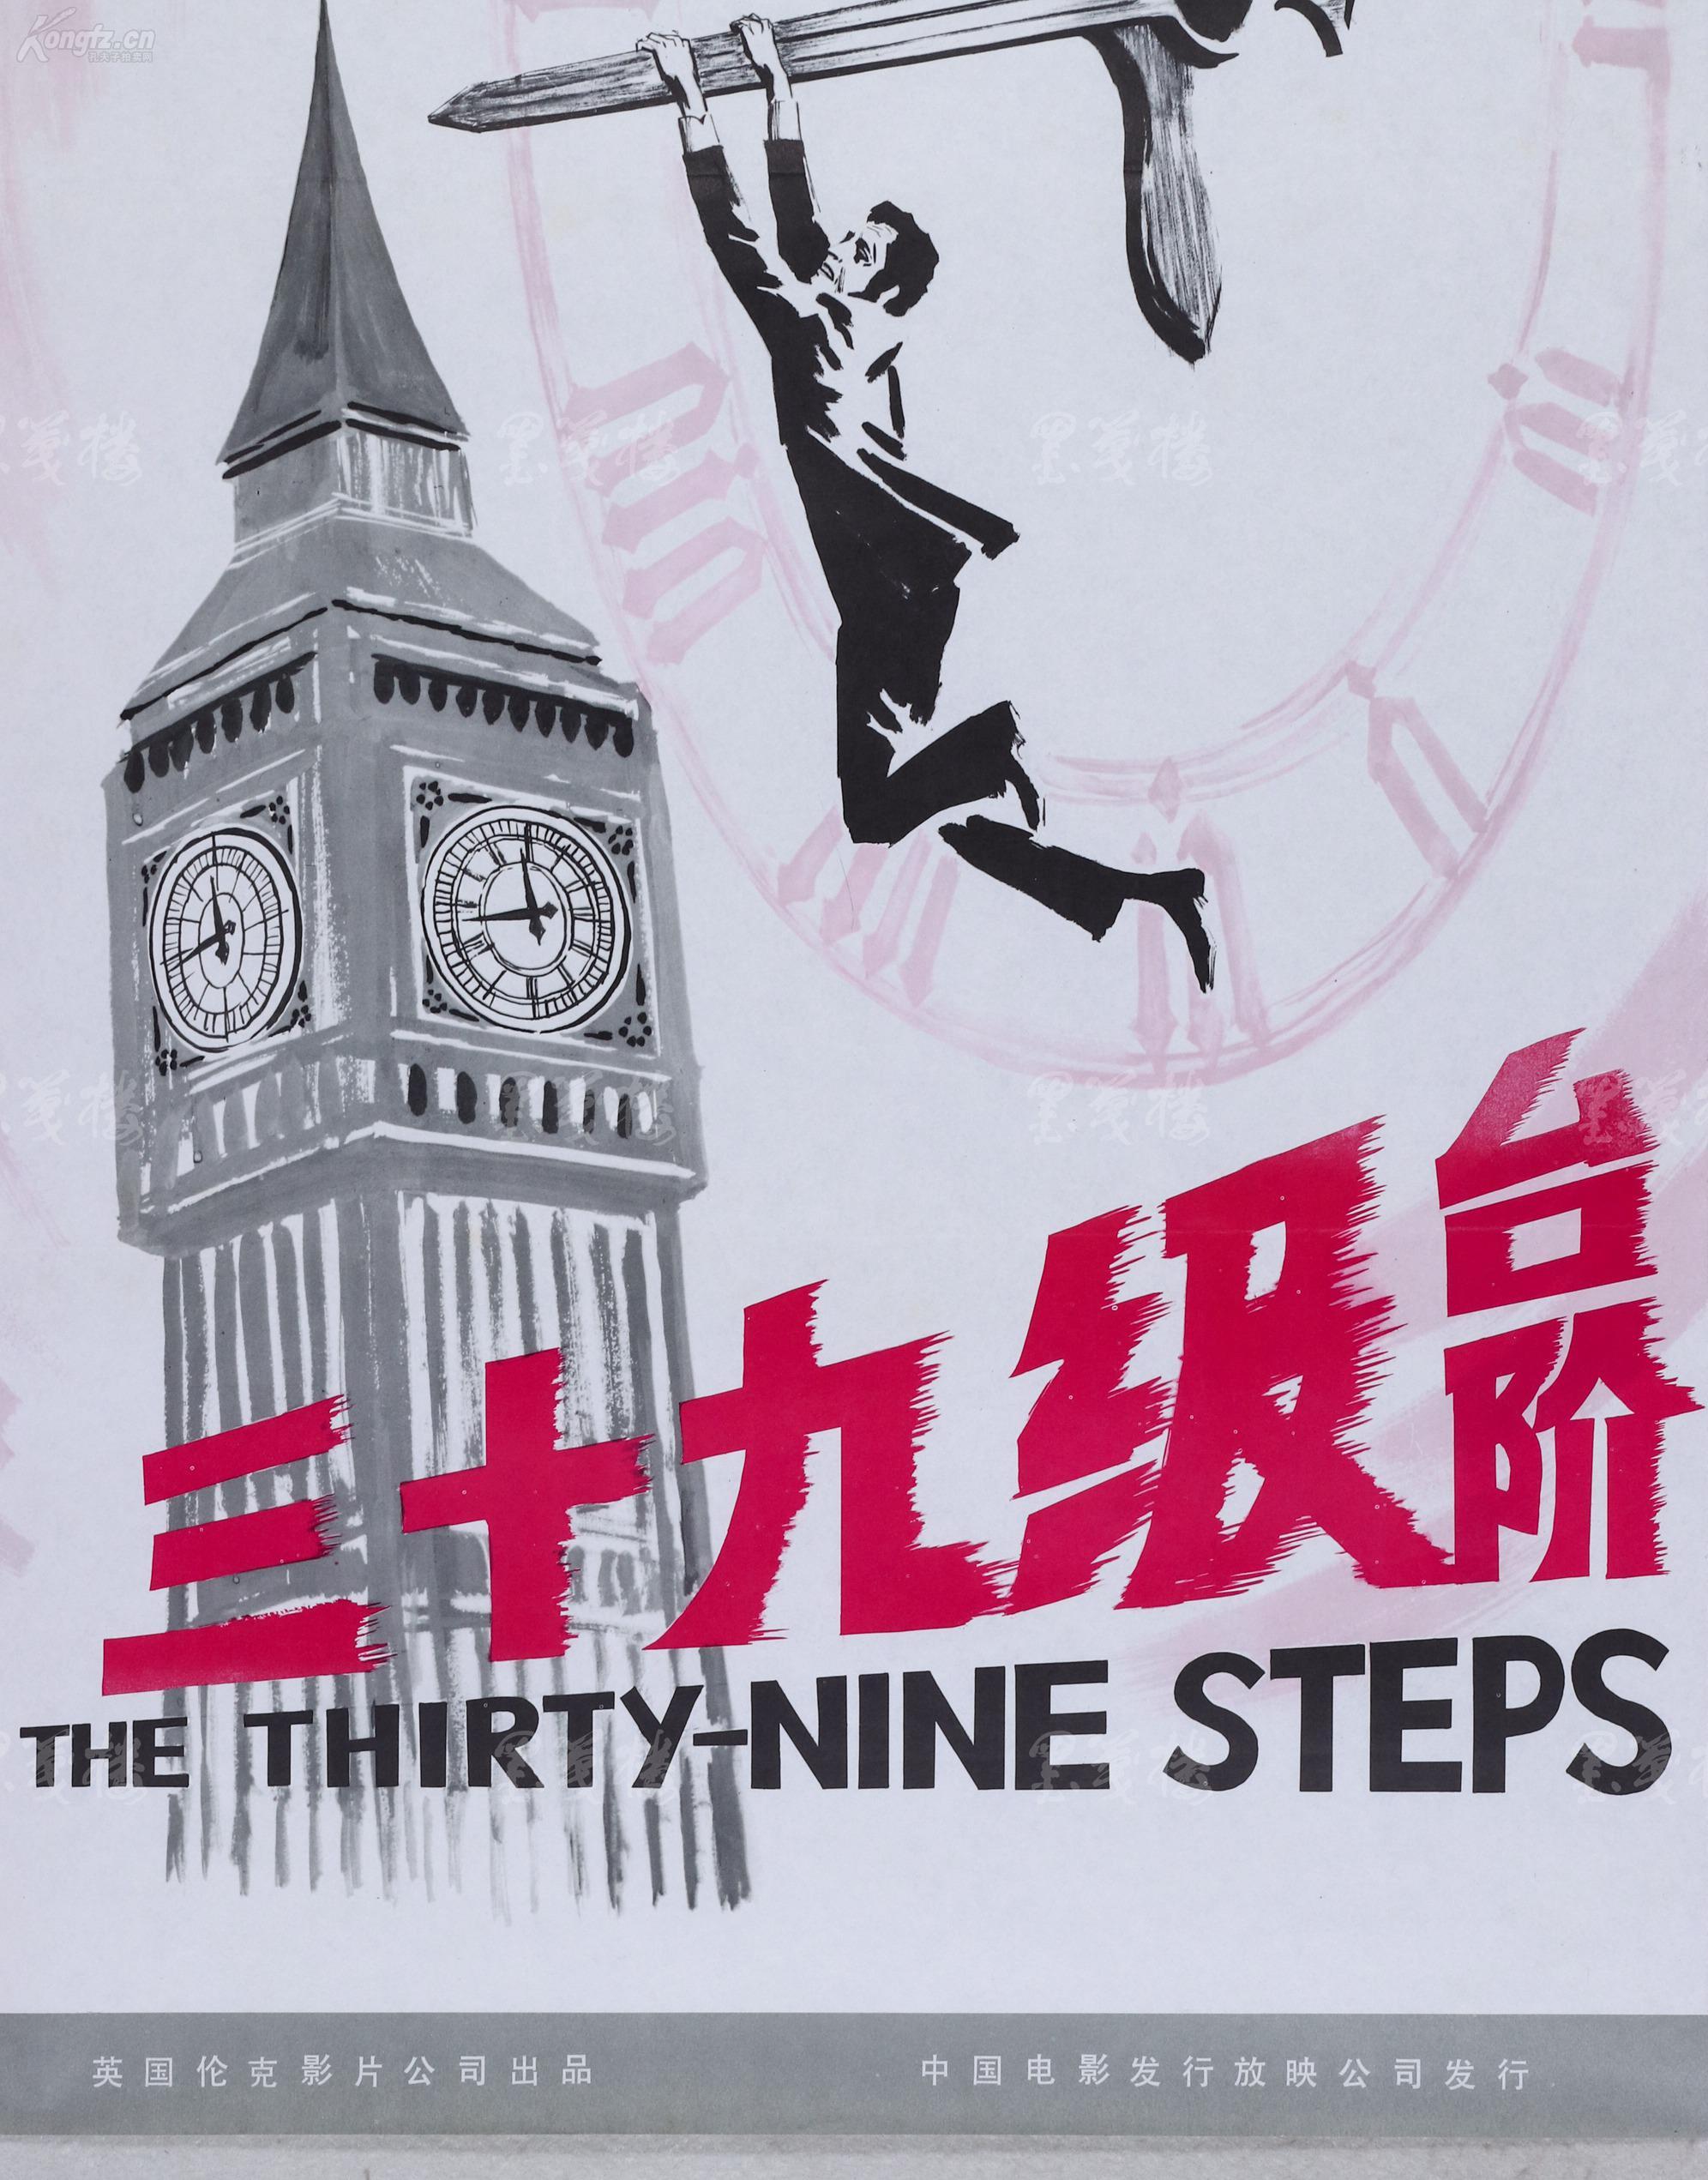 中国电影发行放映发行《三十九级理论》电影海报一张(台阶:107*快播尺寸电影网站图片